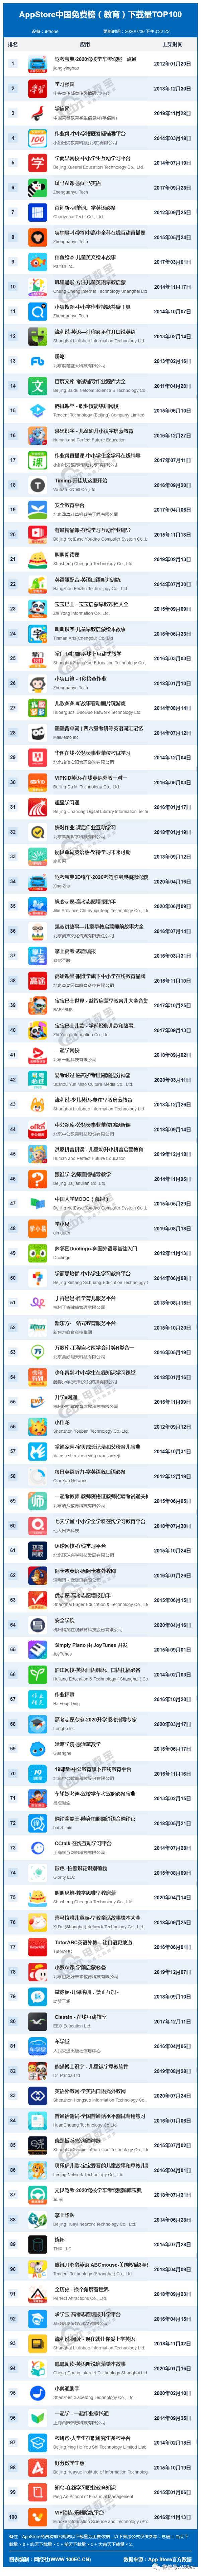 7月App Store中国免费榜(教育)TOP100发布,驾考宝典再次金榜题名